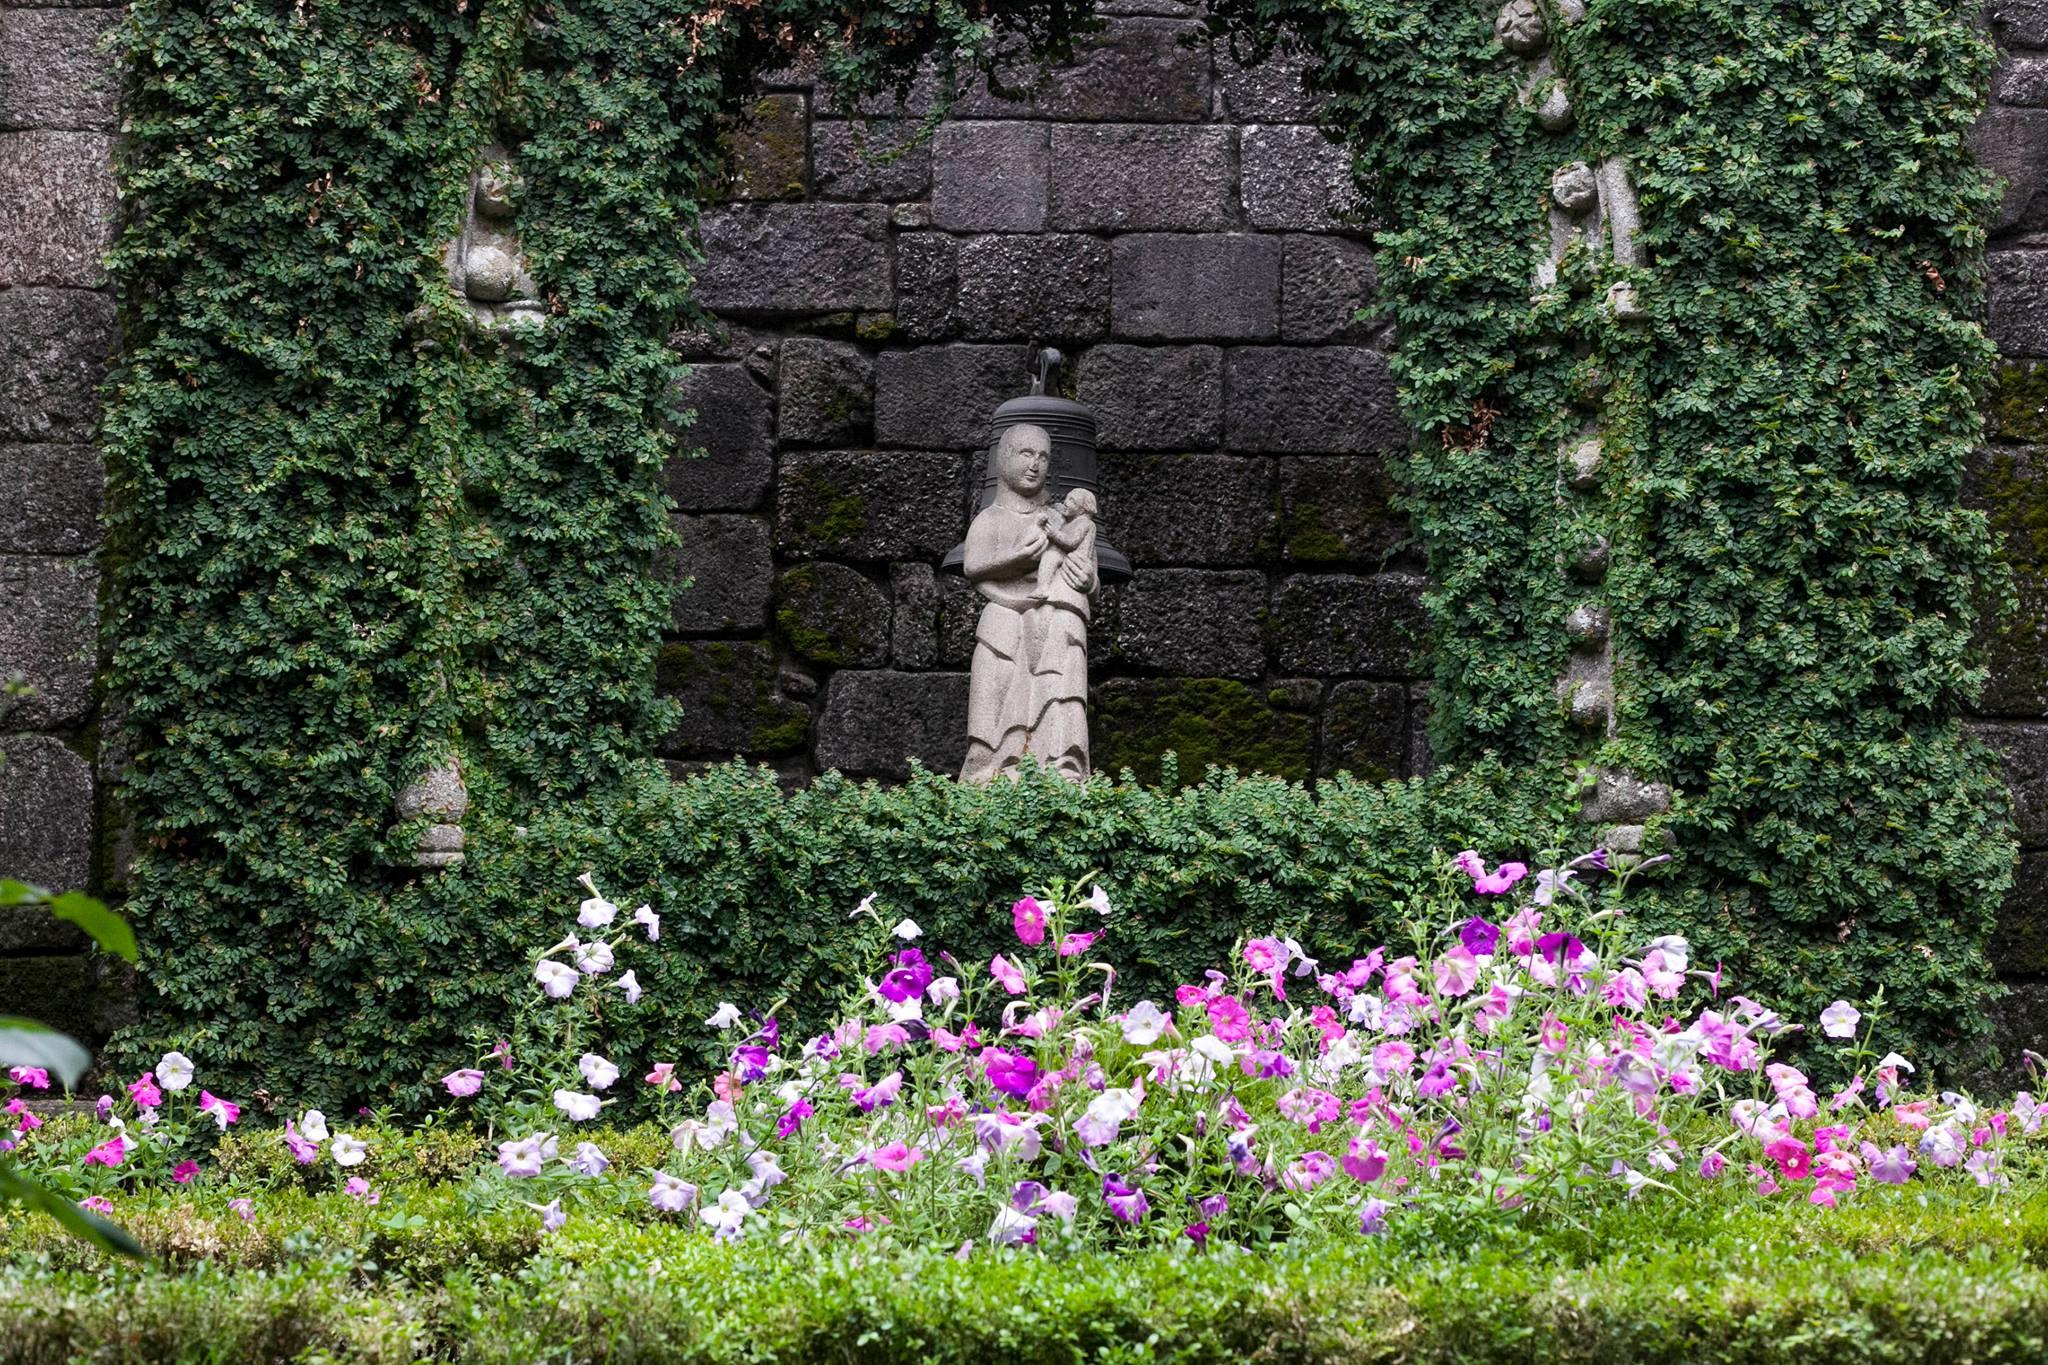 Jardim florido com amores e escultura de Nossa Senhora da Pombinha. Claustro do Museu.